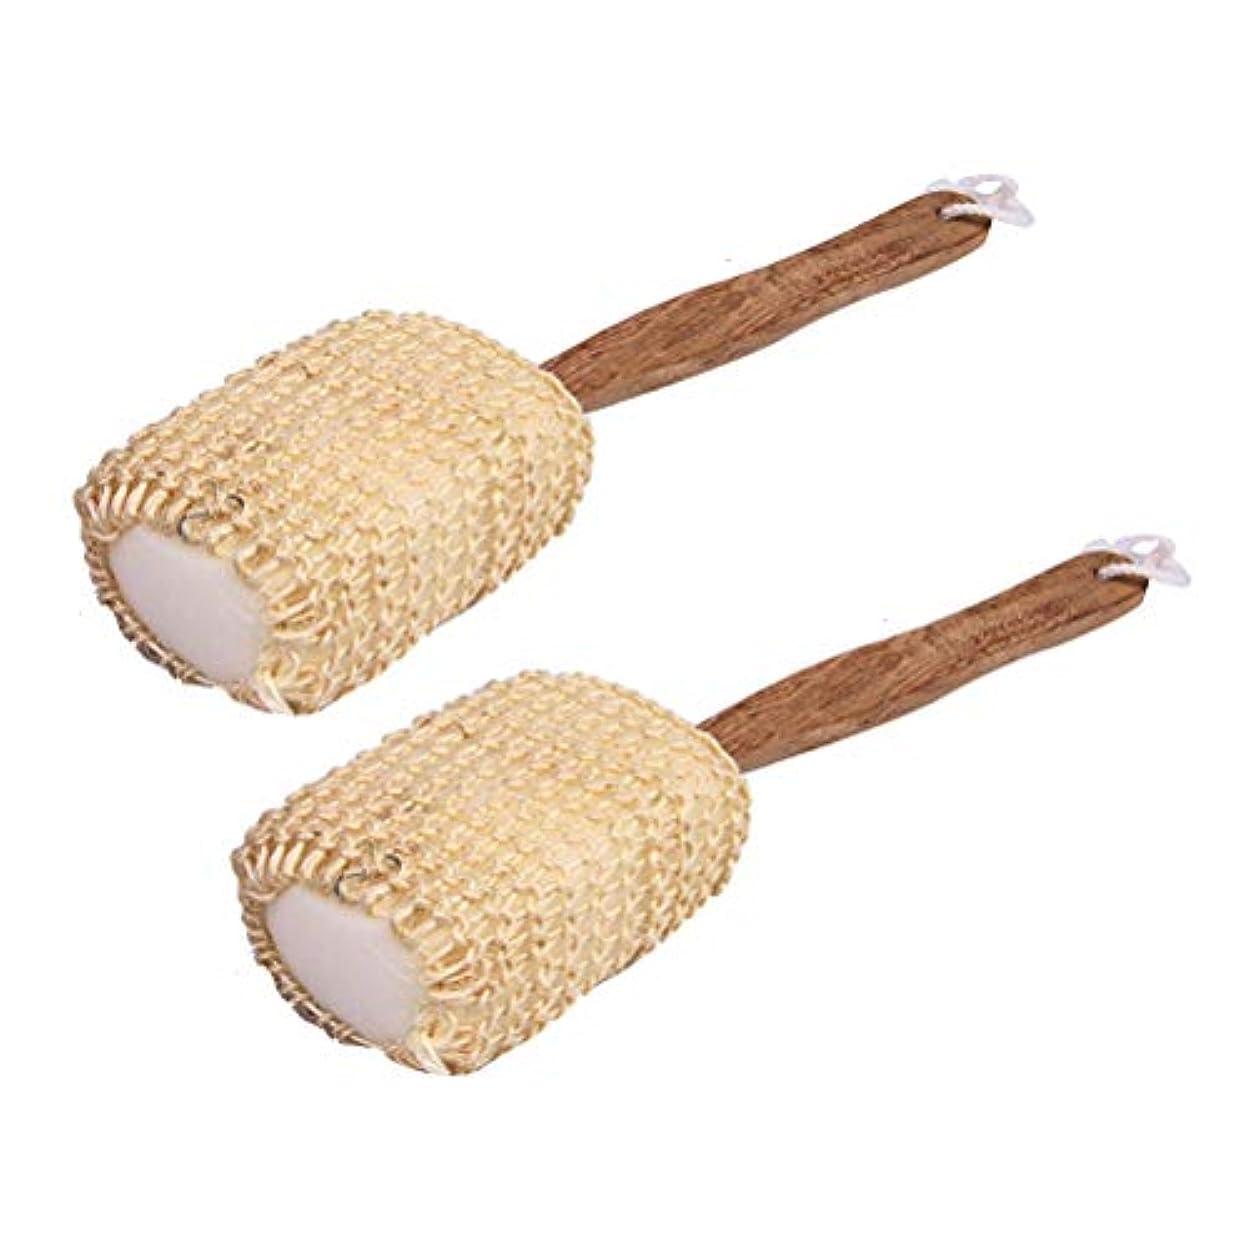 多数の法医学セラーTopbathy 2ピース入浴ボディブラシ付きウッドハンドル風呂loofahバックスクラバー剥離シャワーブラシ用男性女性